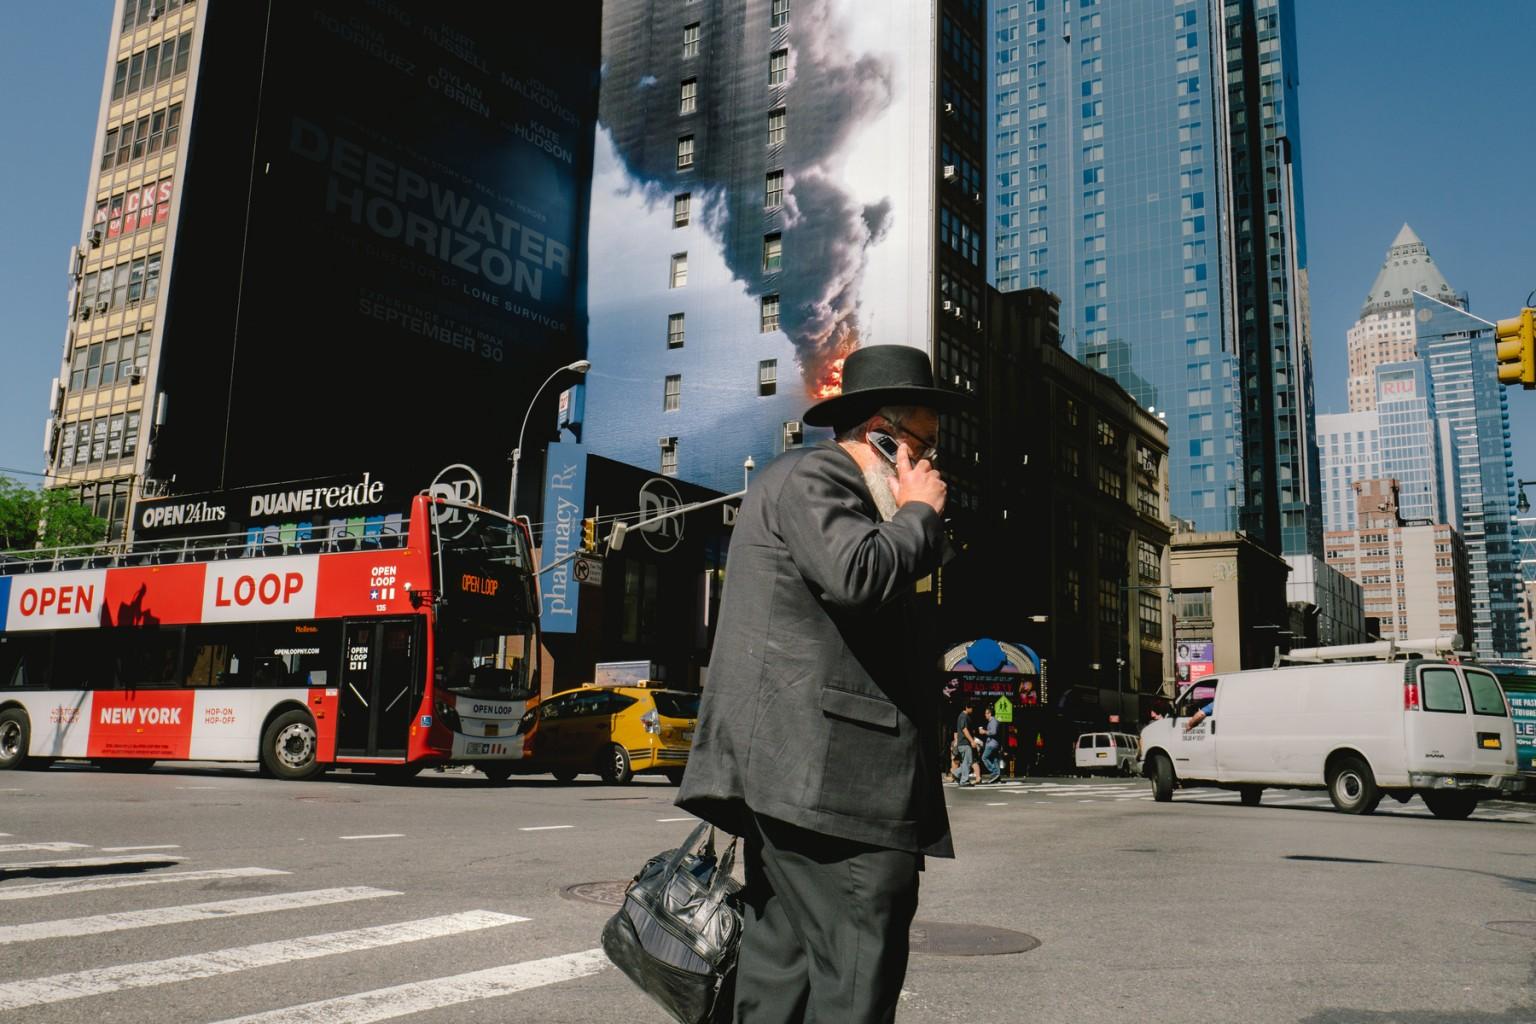 Интересные визуальные совпадения в фотографиях Джонатан Хигби